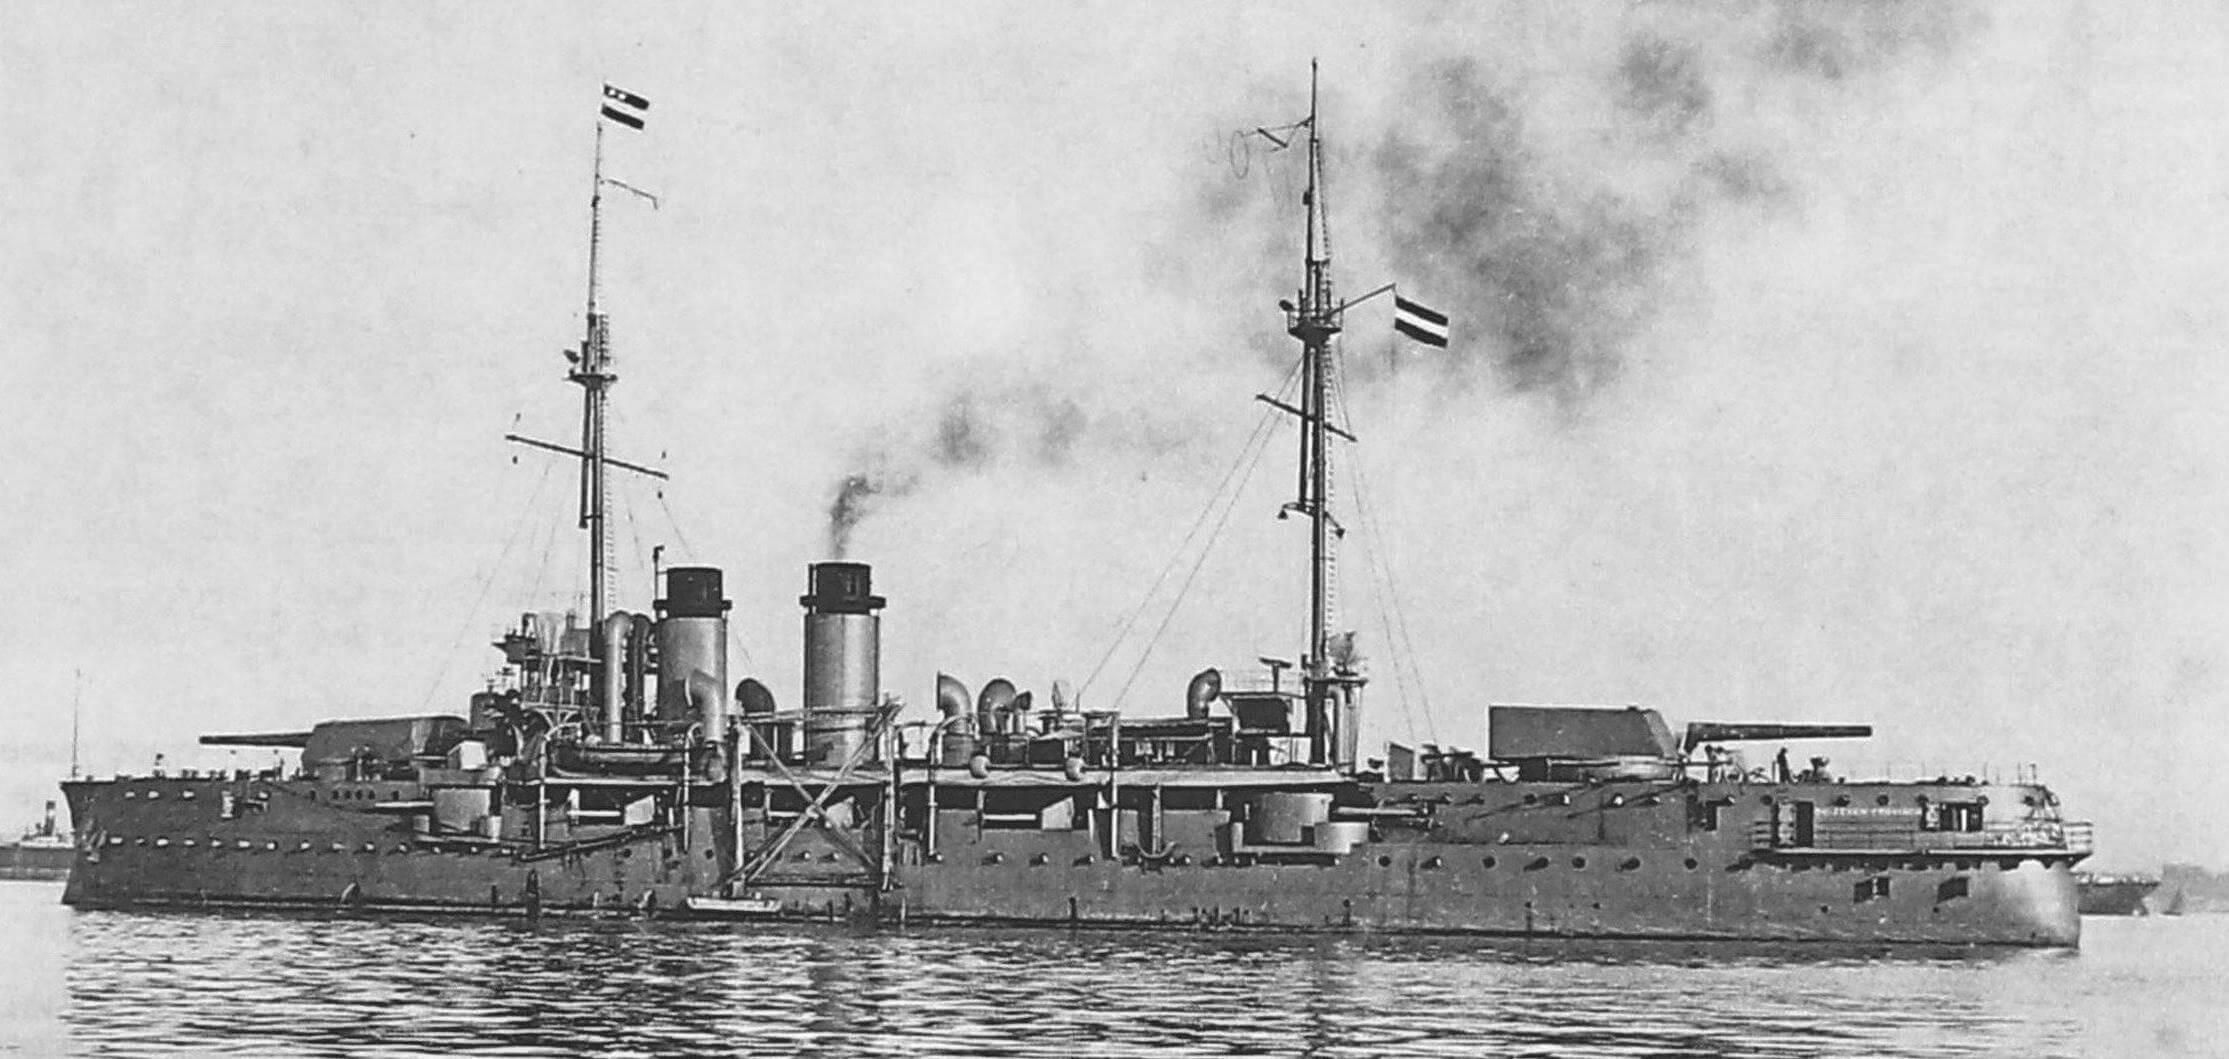 «Де Зевен Провинсиен» («De Zeven Provincien») - последний и самый совершенный броненосец нидерландского флота